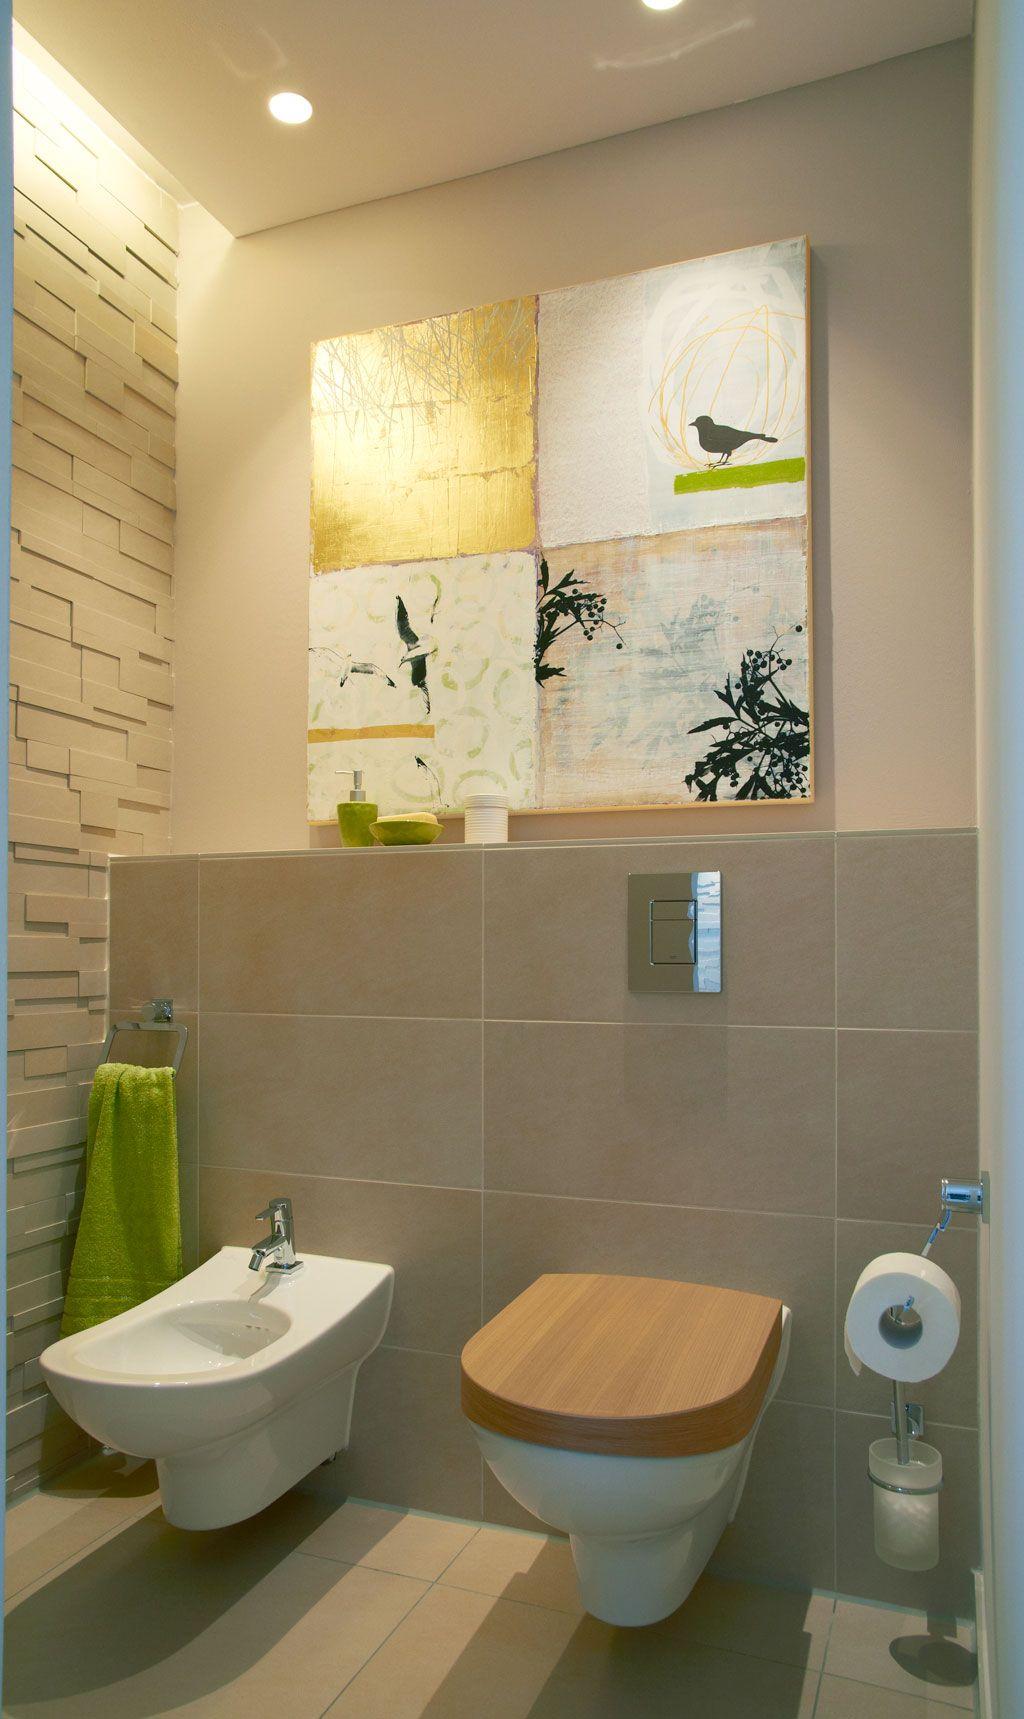 edition 500 b wohnidee haus ein bungalow mit frischen wohnideen viebrockhaus deko. Black Bedroom Furniture Sets. Home Design Ideas